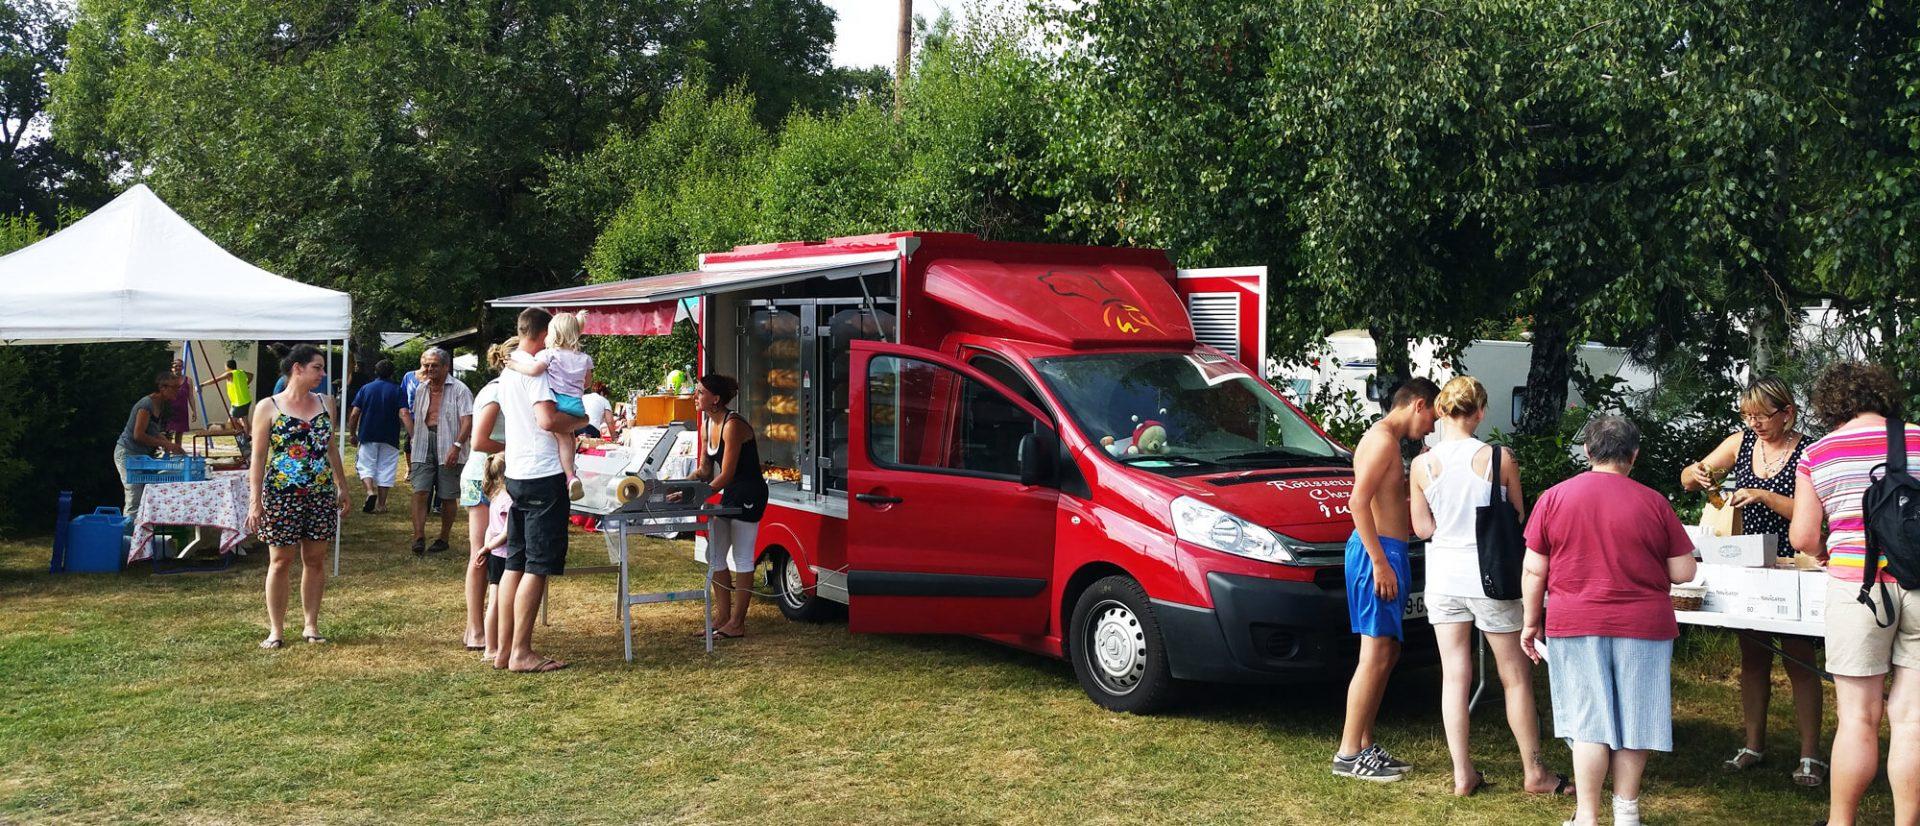 Camping Clos De La Chaume : Poulets Rotis en Haute Saison en Camping dans les Vosges